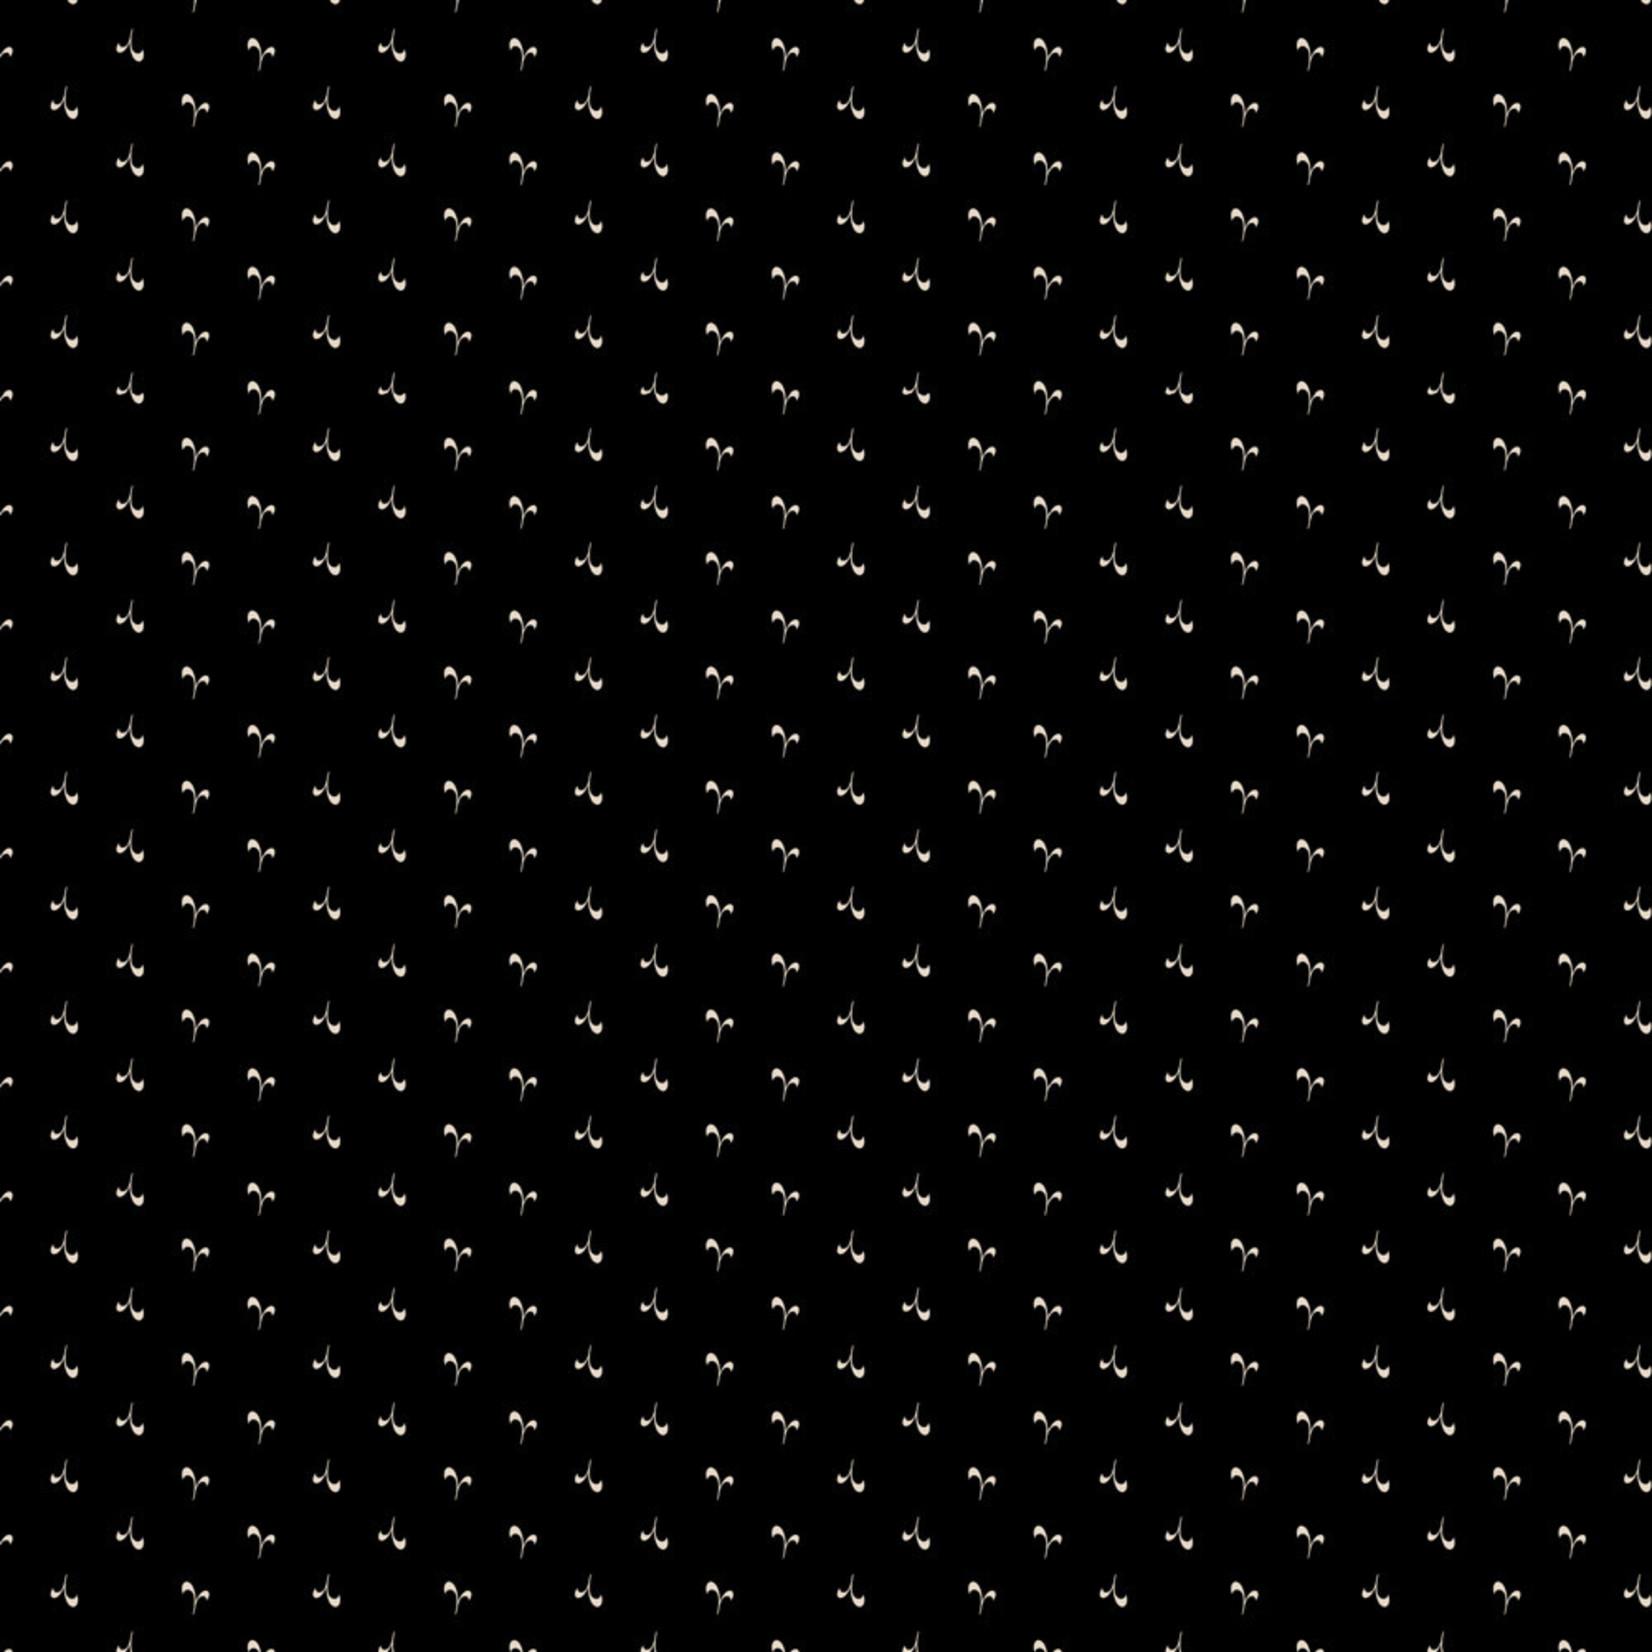 Stoffabrics Nellies Shirtlings - Check - Black